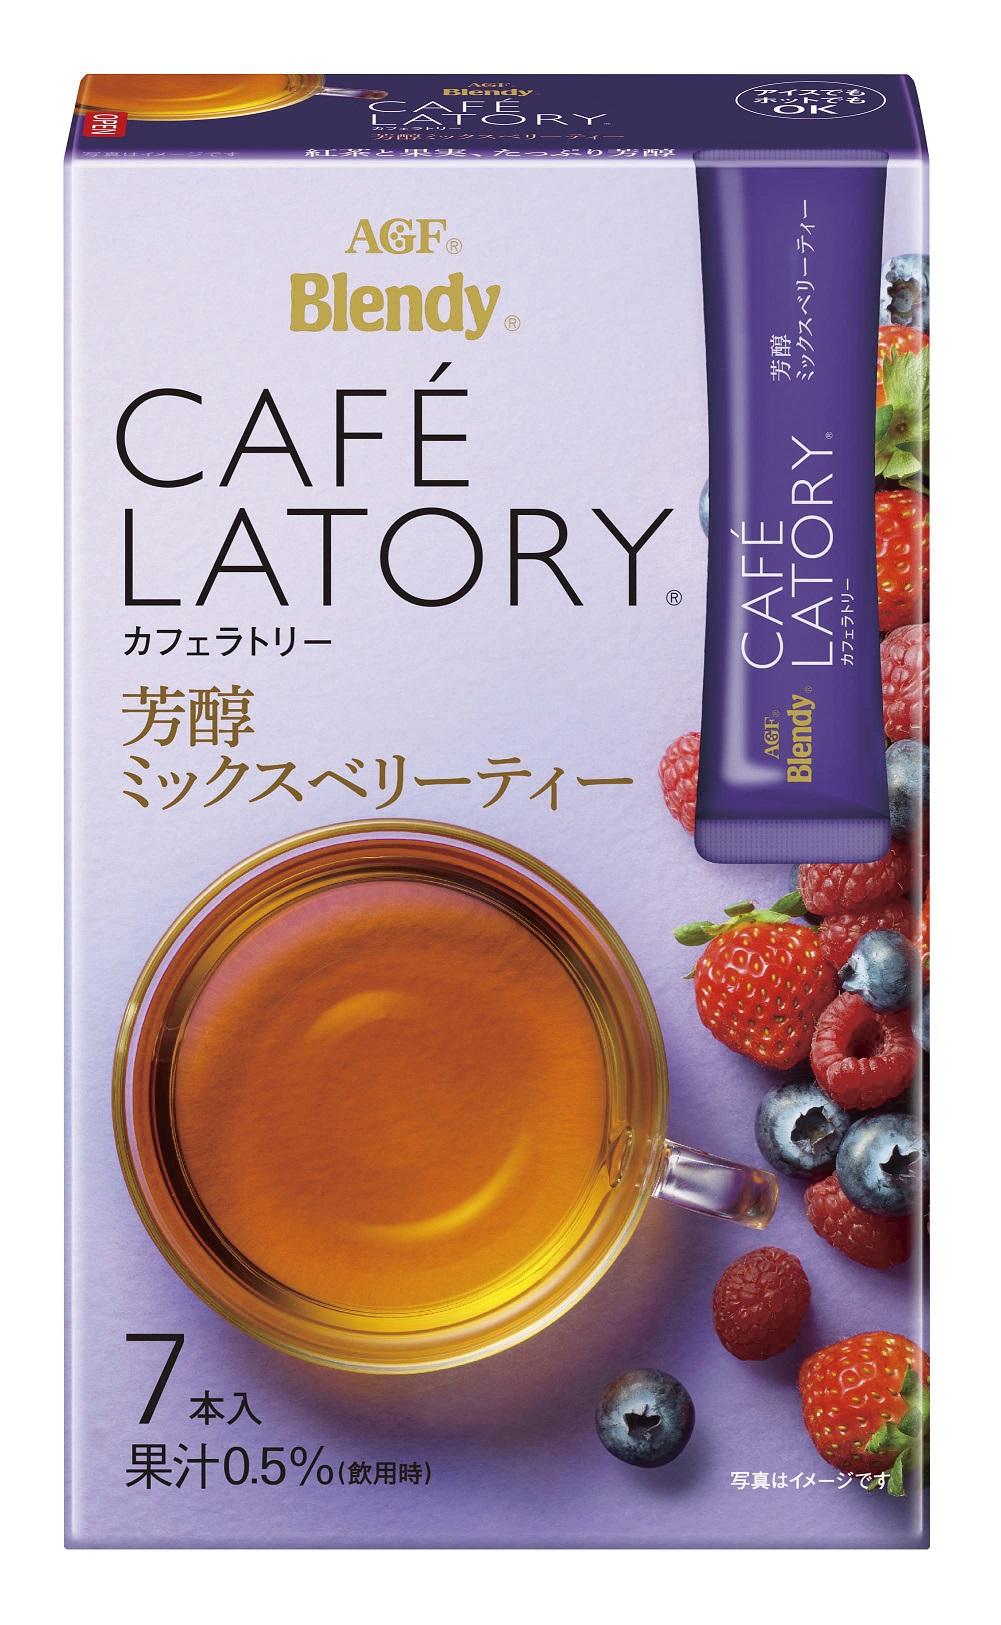 Чай AGF бленди ягодный микс в стиках растворимый 7*6.5 г